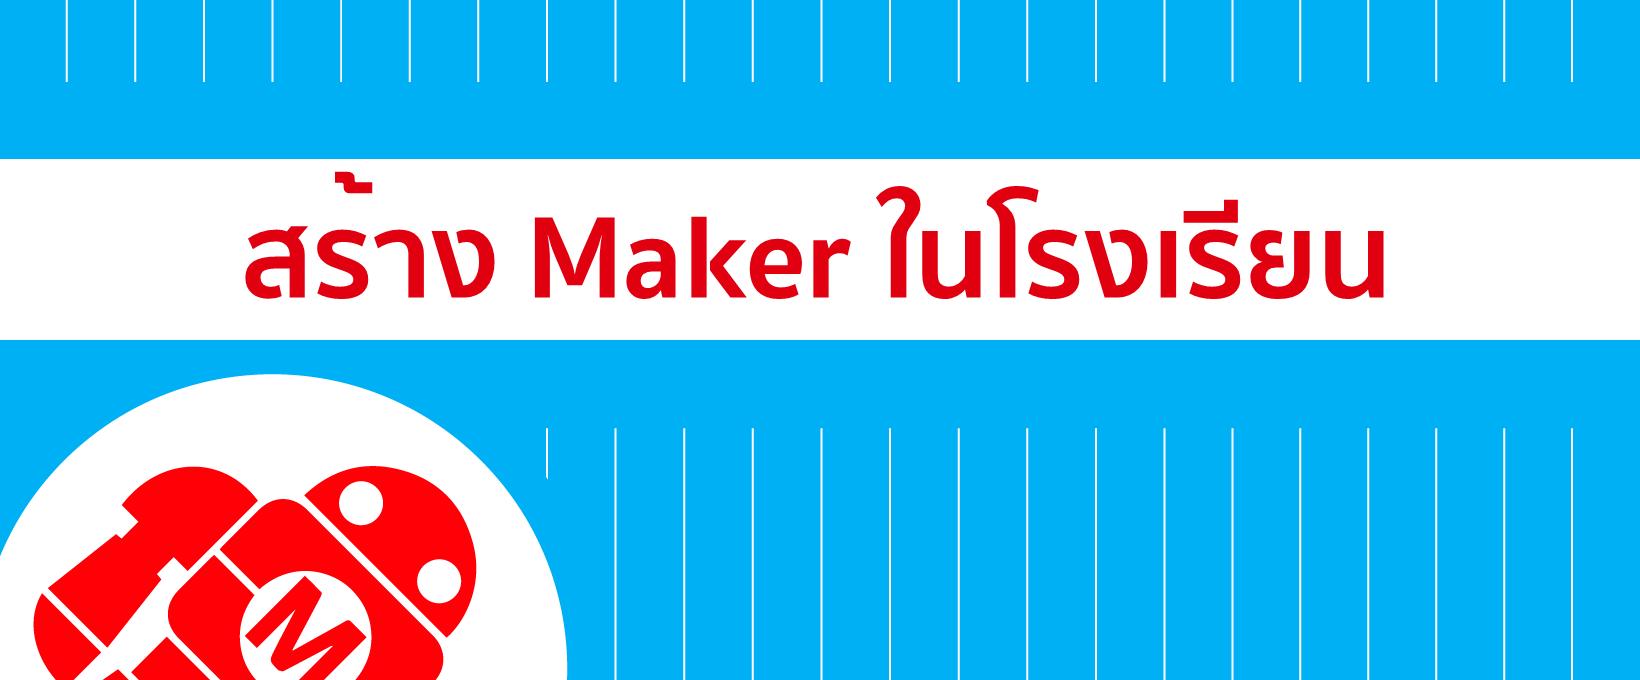 ภาพประกอบไอเดีย สร้าง Maker ในโรงเรียน